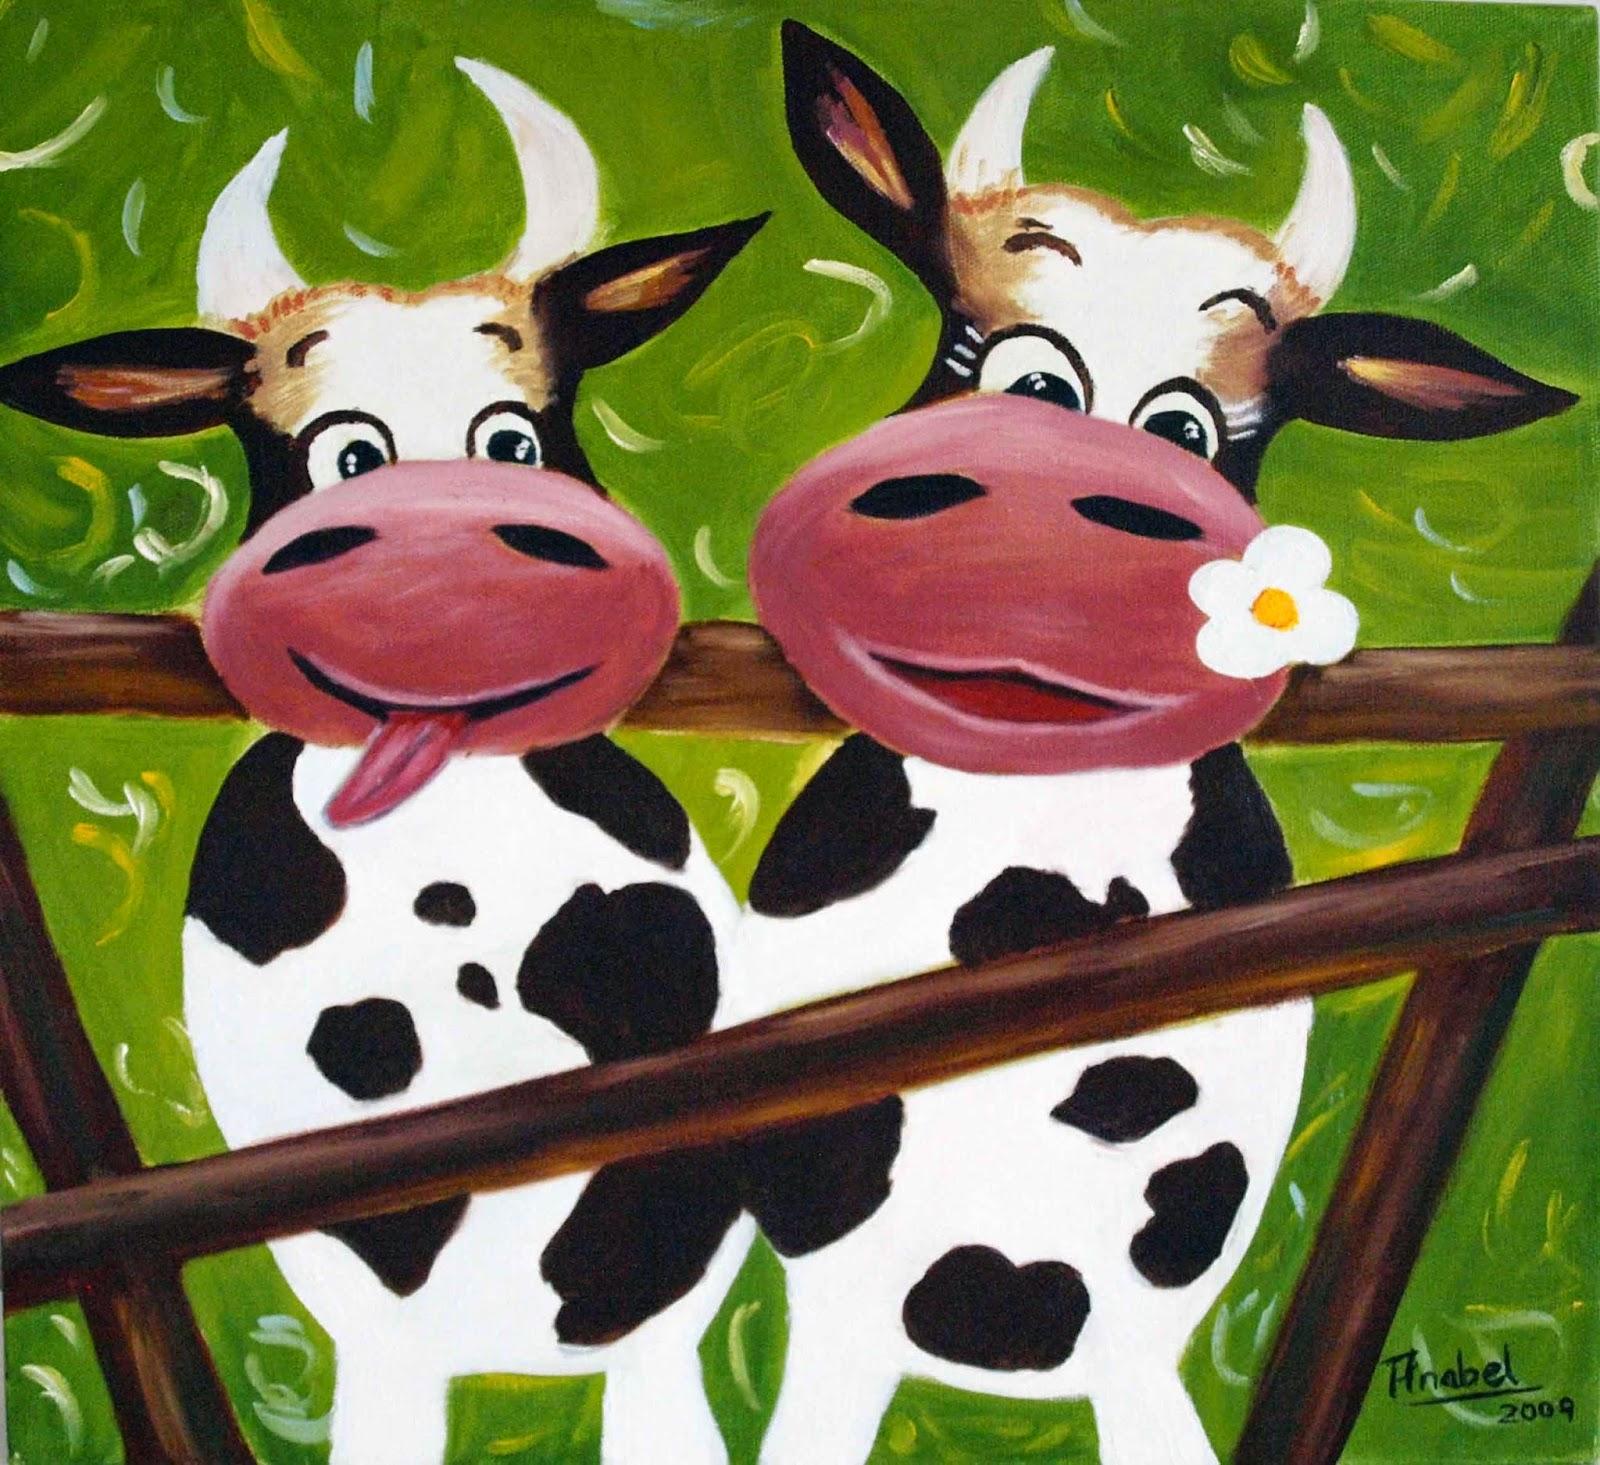 Anabel y sus cuadros graciosas vacas - Cuadros de vacas ...